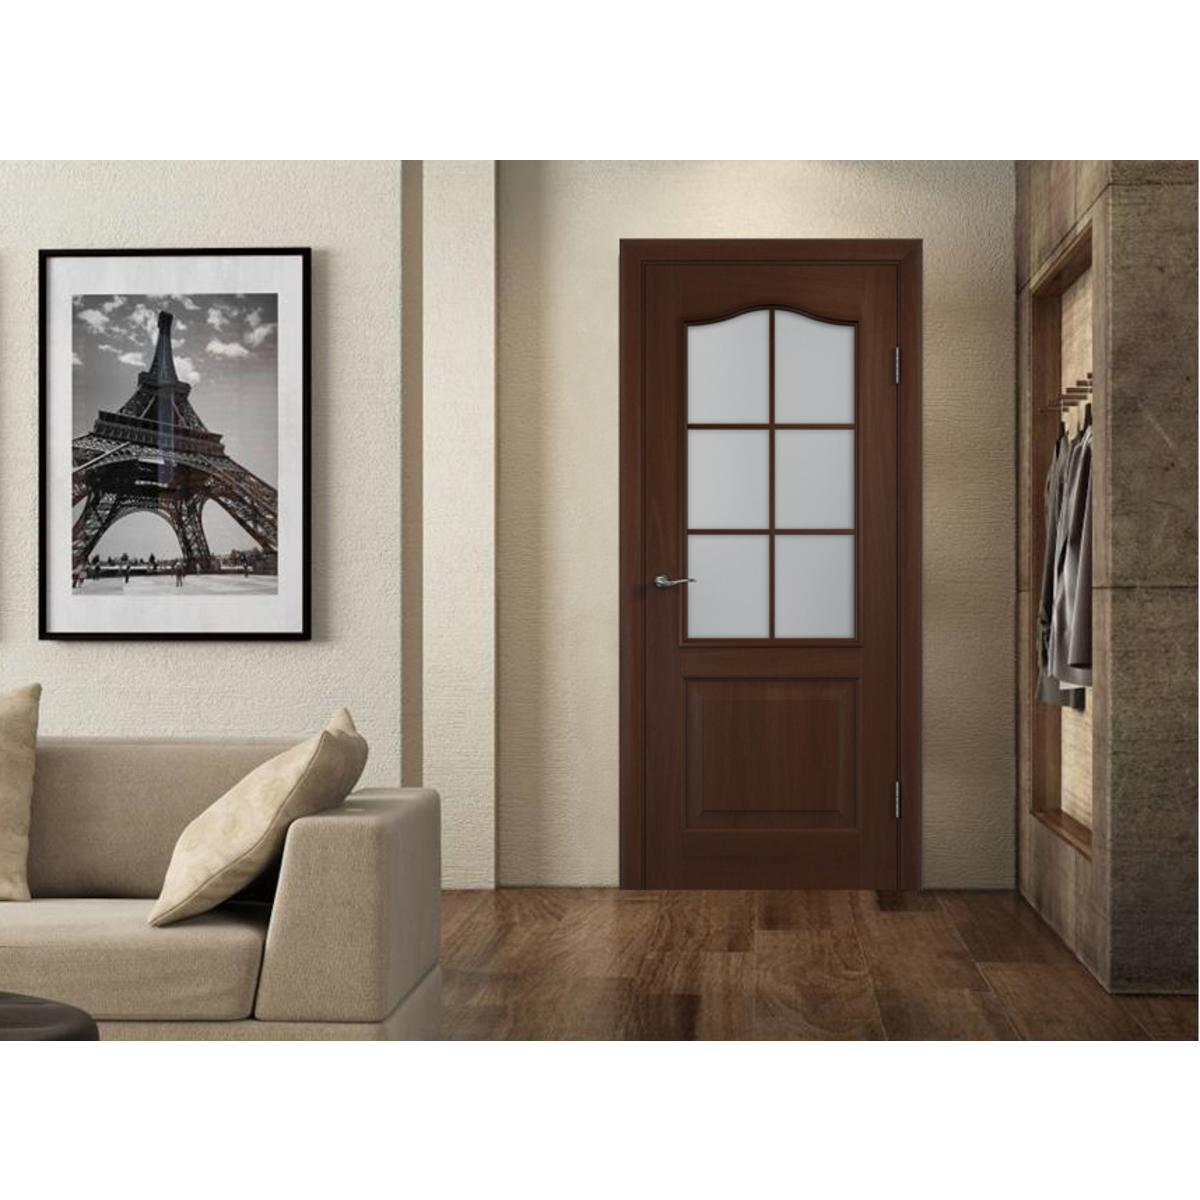 Дверь Межкомнатная Остеклённая Пвх Антик 90x200 Цвет Итальянский Орех